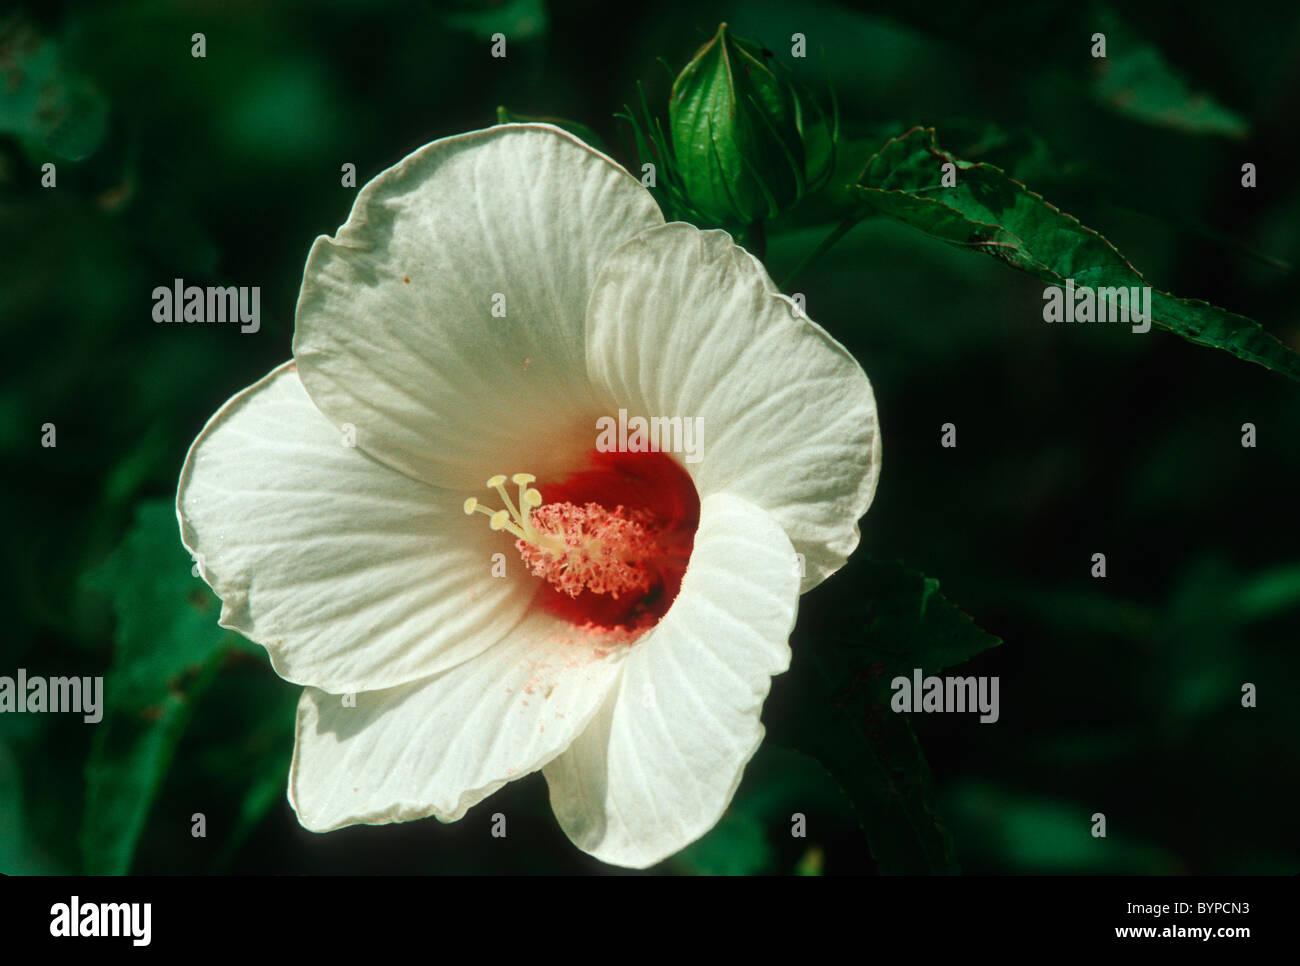 White Flower Of Wild Potato Vine Stock Photo 34299023 Alamy